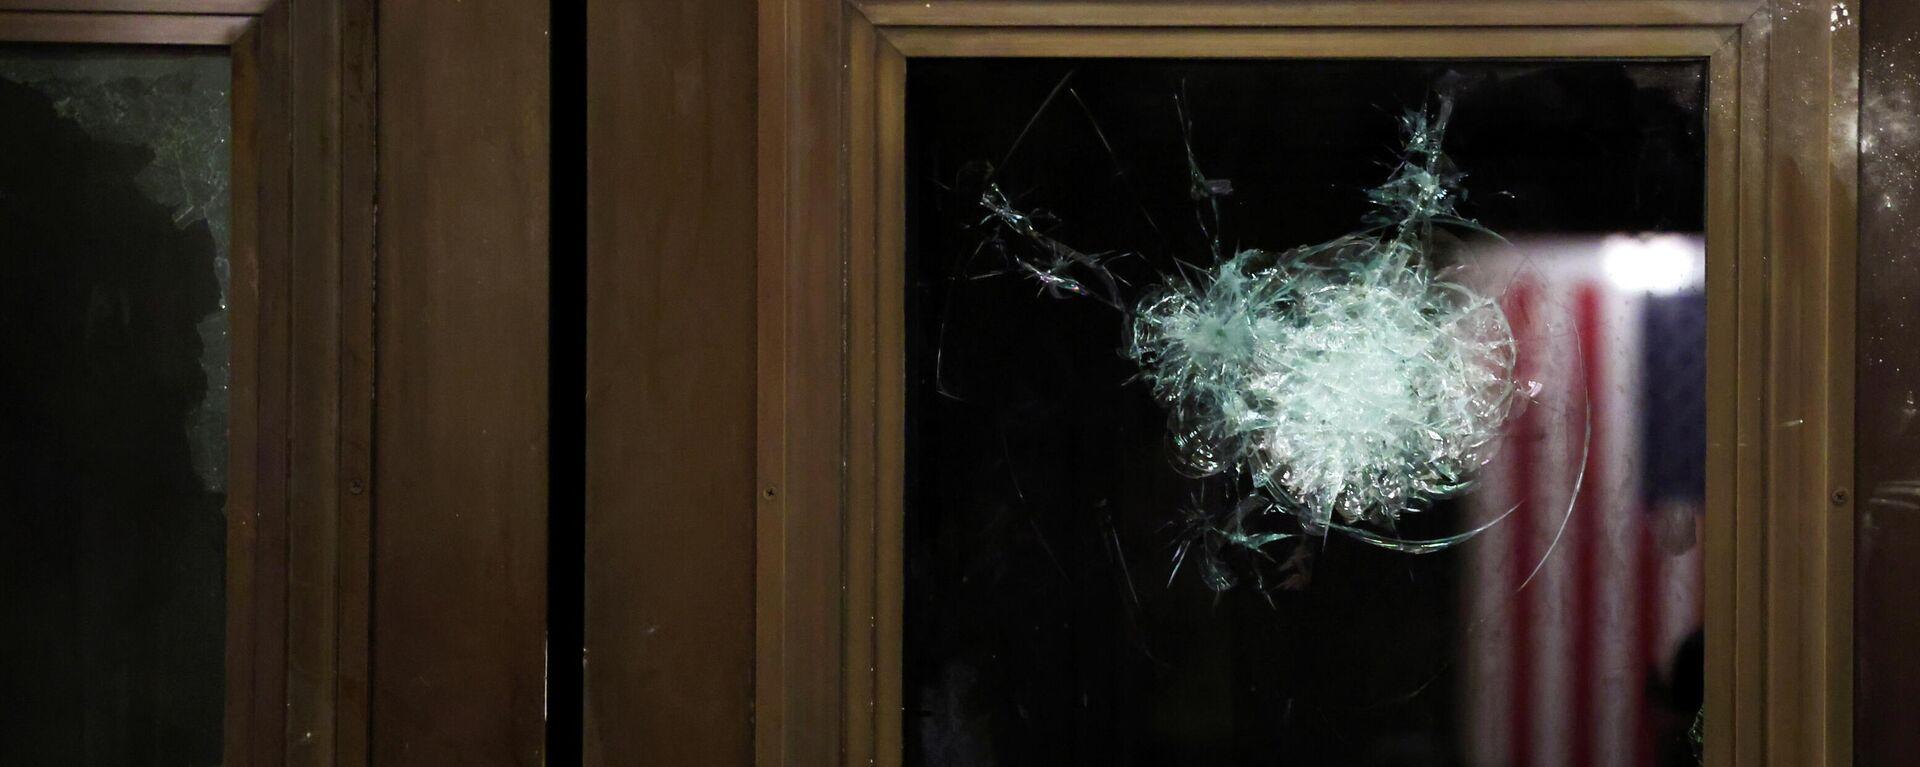 Zerbrochene Fensterscheiben im US-Kongress nach Ausschreitungen - SNA, 1920, 07.01.2021